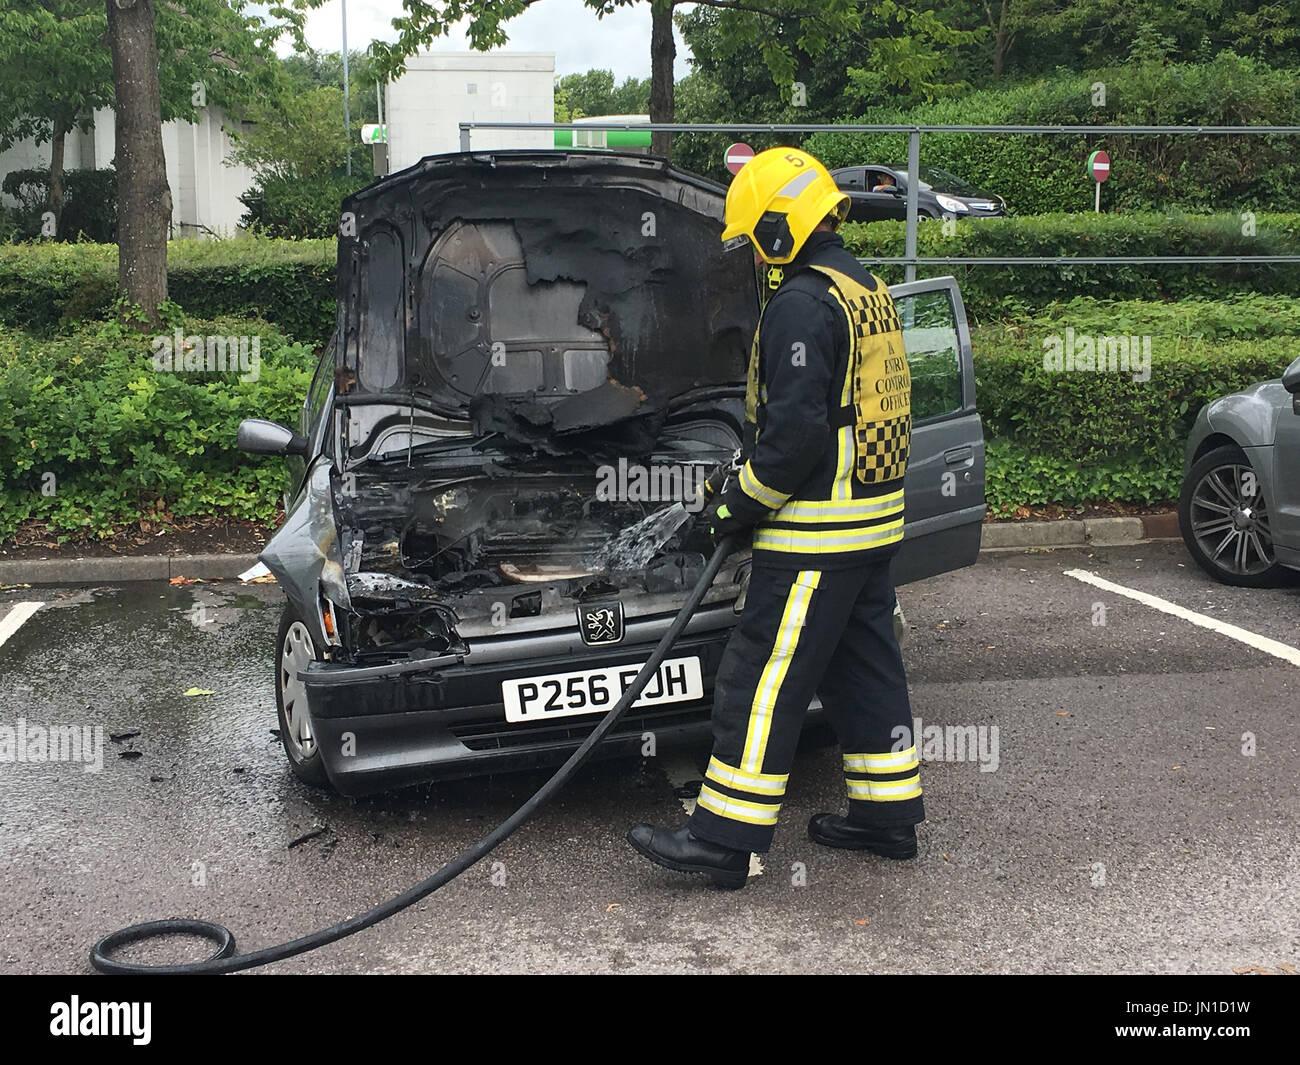 swindon, uk - july 29, 2017: car fire asda west swindon, firemen